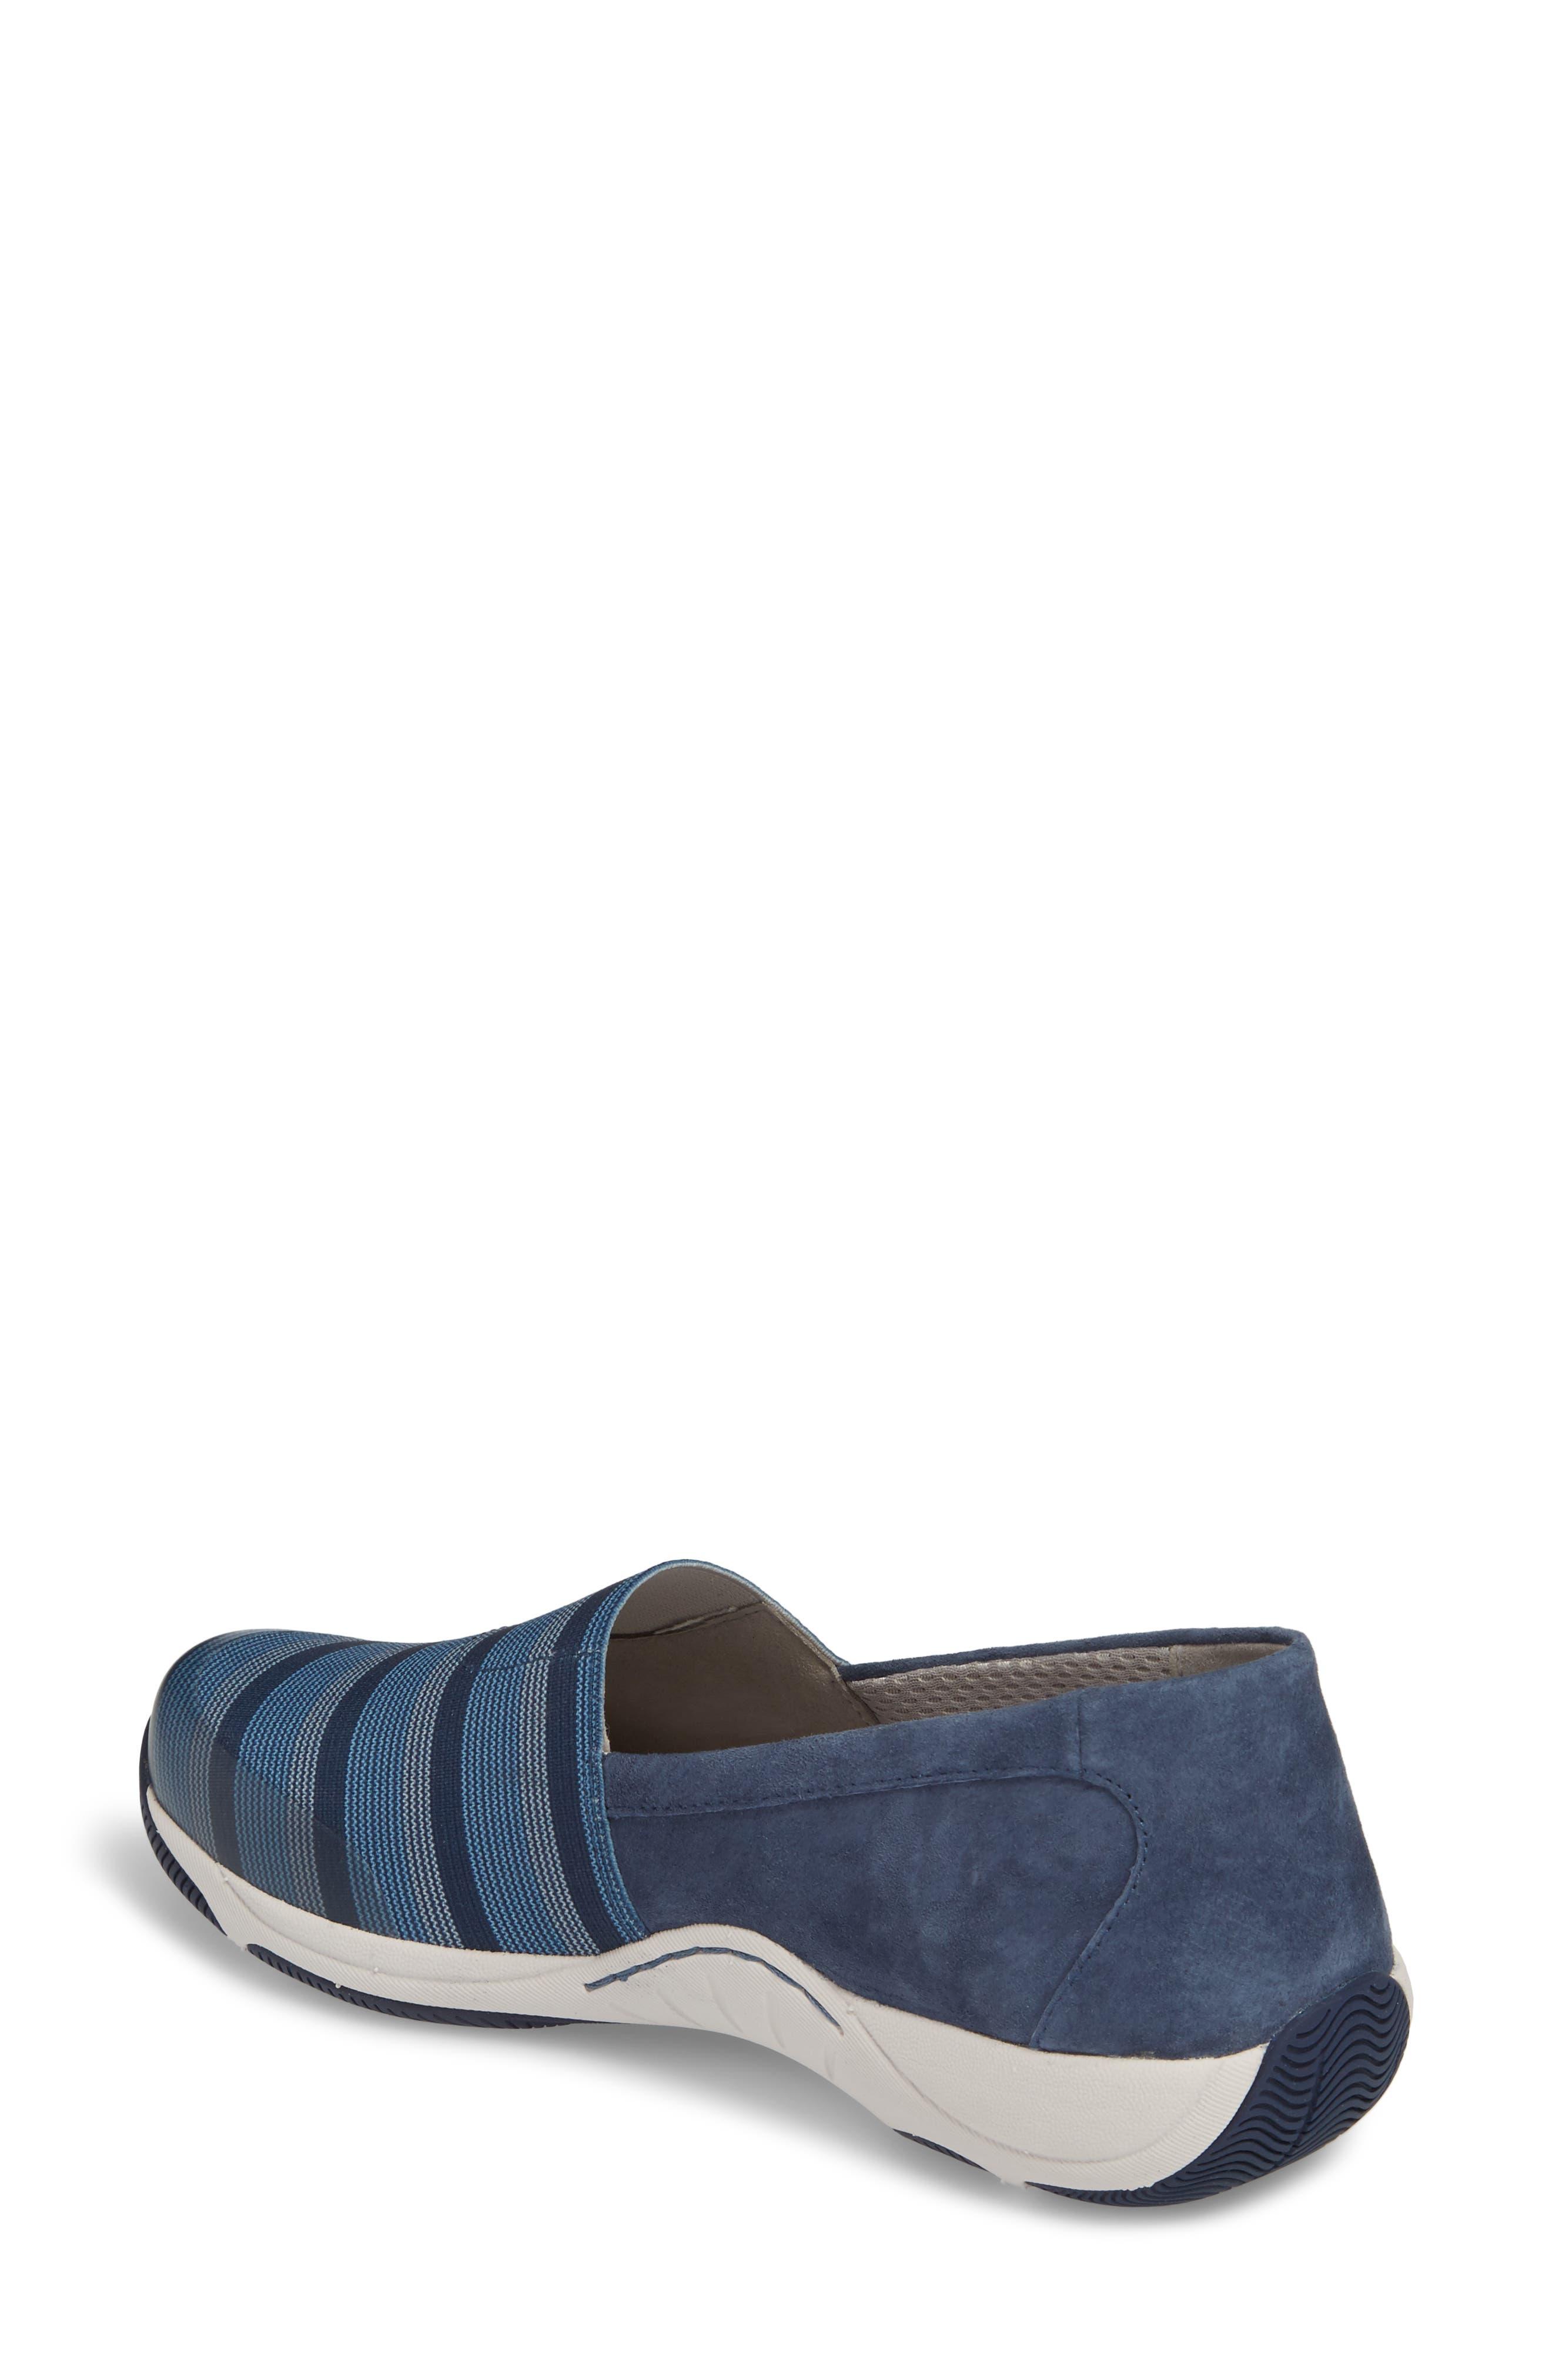 Harriet Slip-On Sneaker,                             Alternate thumbnail 5, color,